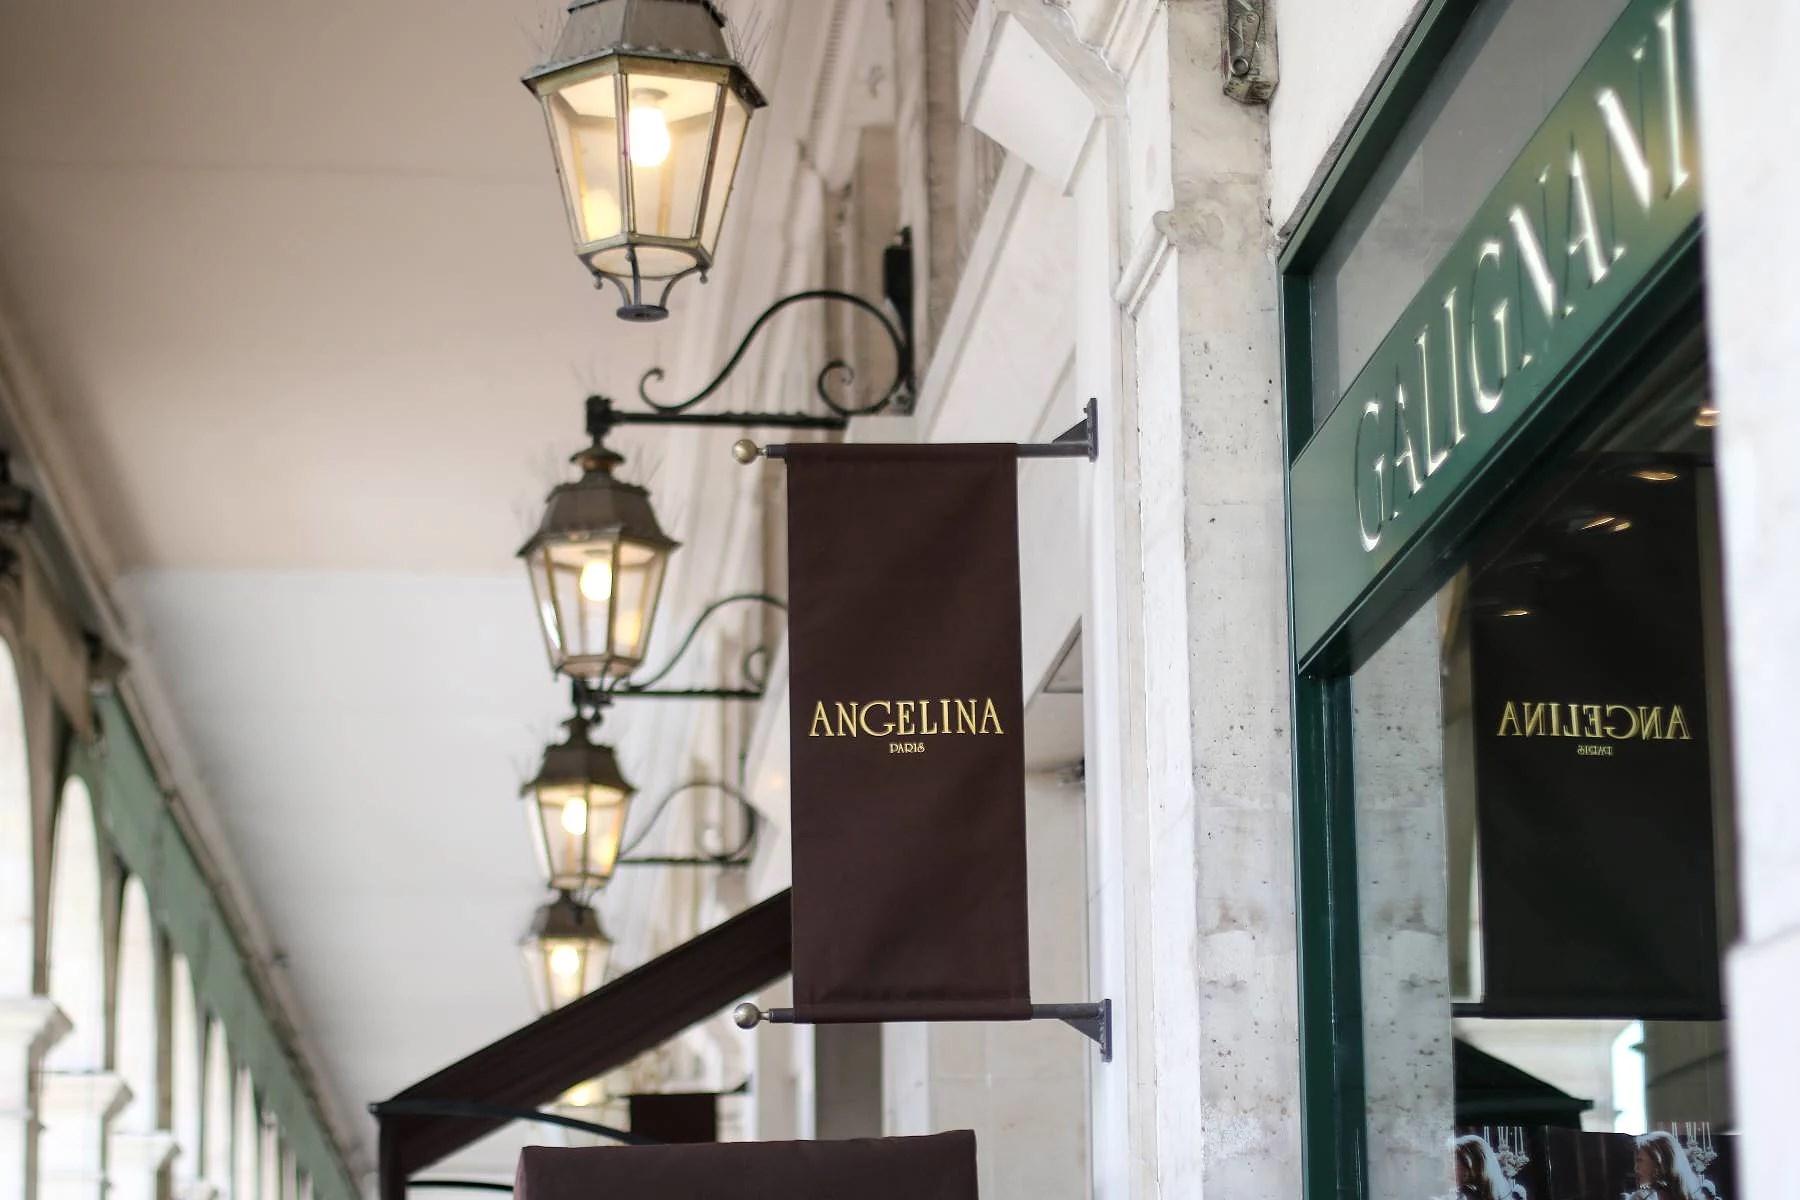 Paris booked